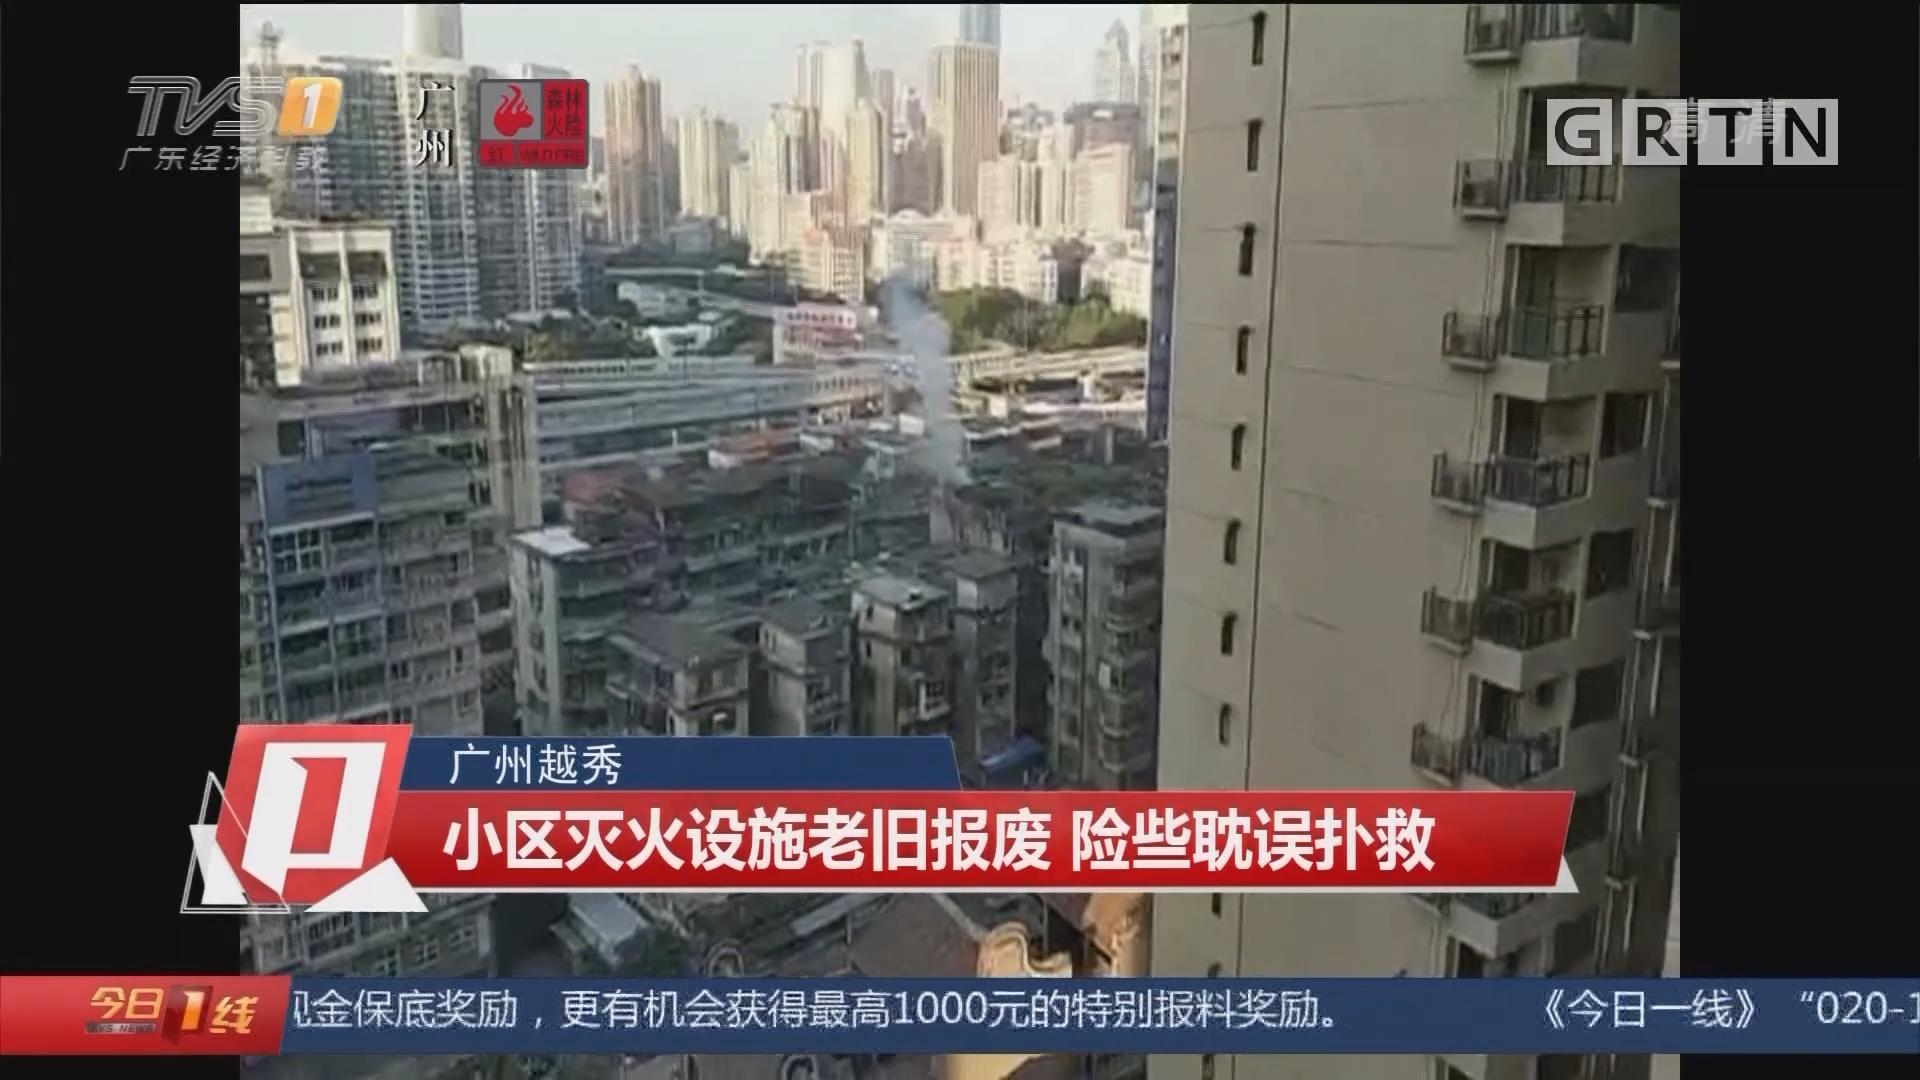 广州越秀:小区灭火设施老旧报废 险些耽误扑救